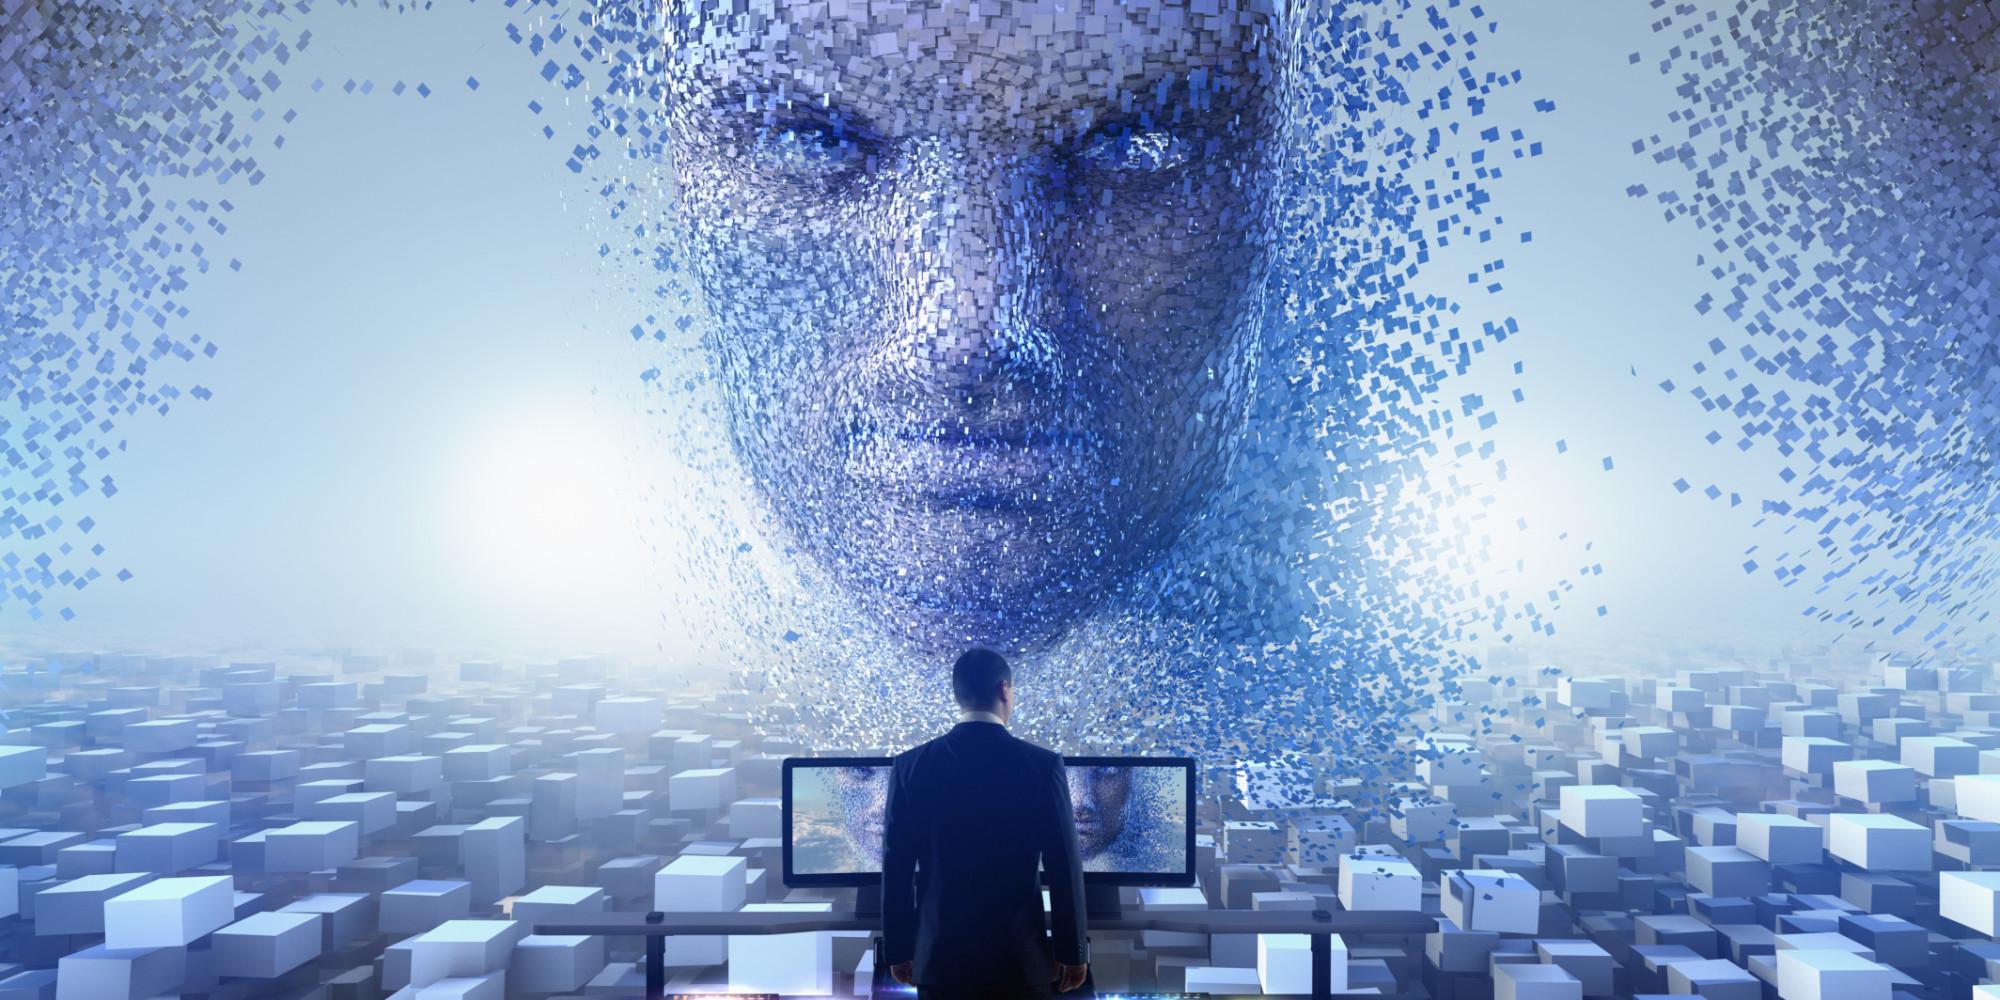 Sciences : Des experts prédisent que l'Intelligence Artificielle va dominer les humains dans moins de 50 ans